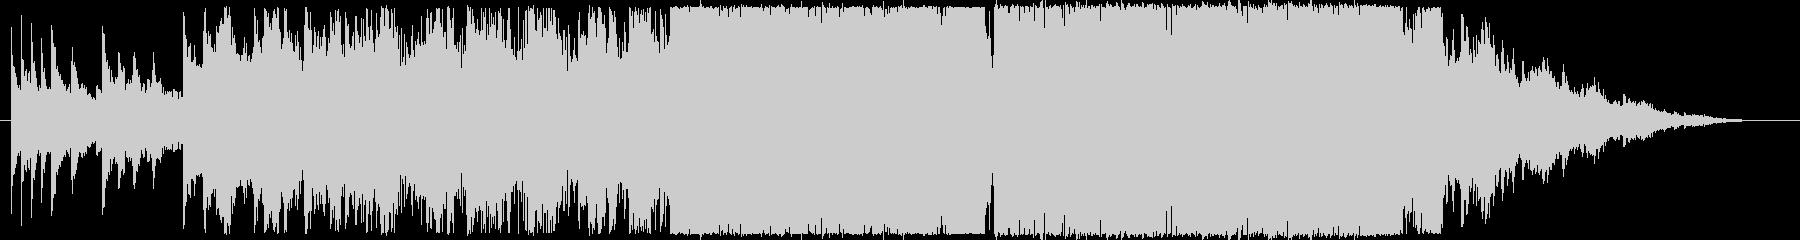 しっとりとした切ないエレクトロです。の未再生の波形